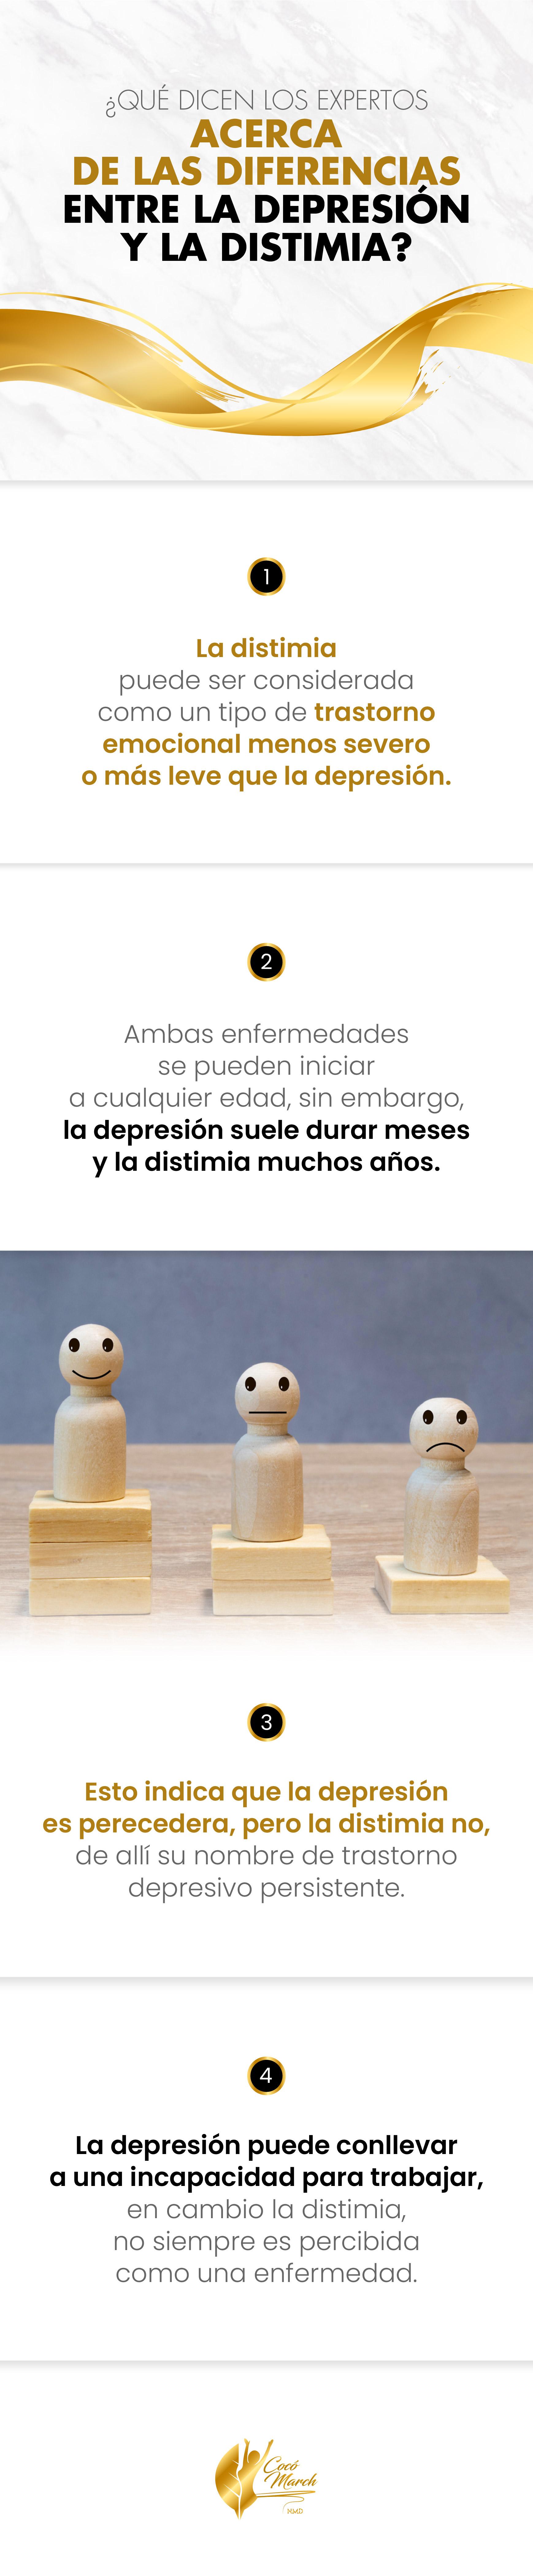 diferencias-entre-depresion-y-distimia